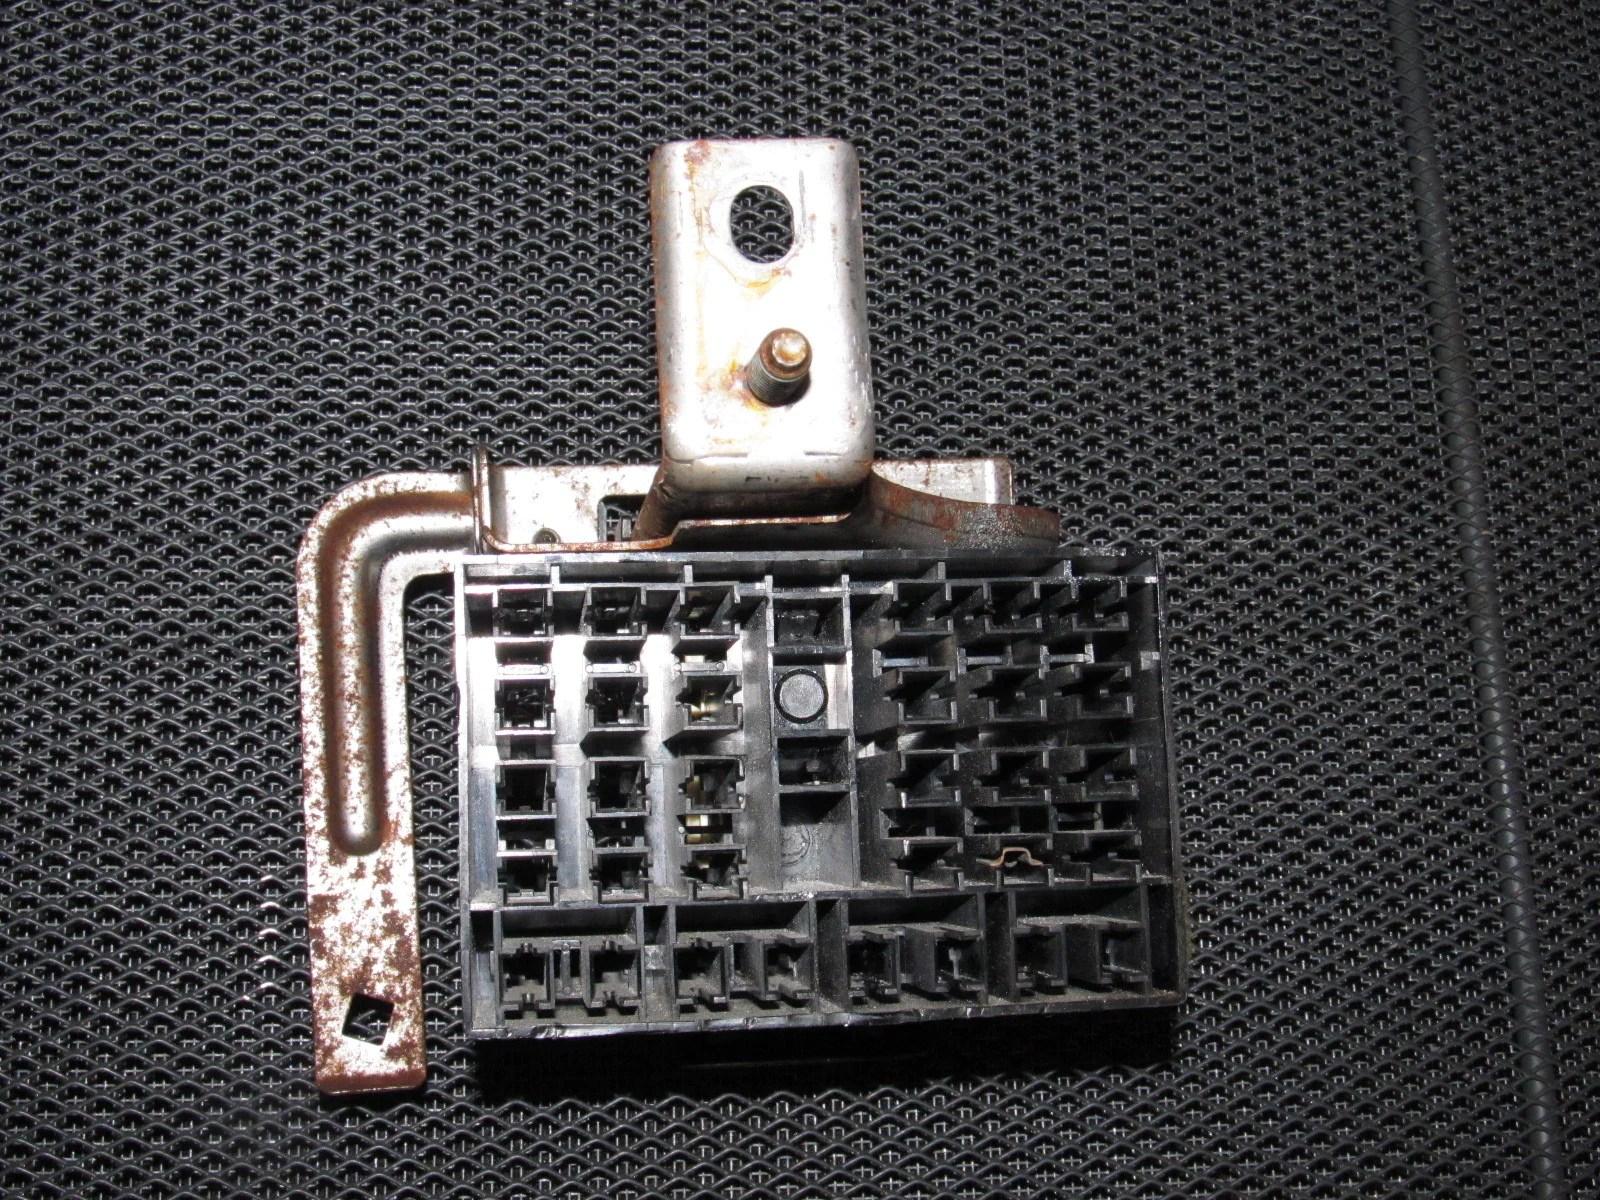 96 Miata Fuse Box Auto Electrical Wiring Diagram 92 Acura Integra Rs Cabin 94 95 97 Mazda Oem Interior